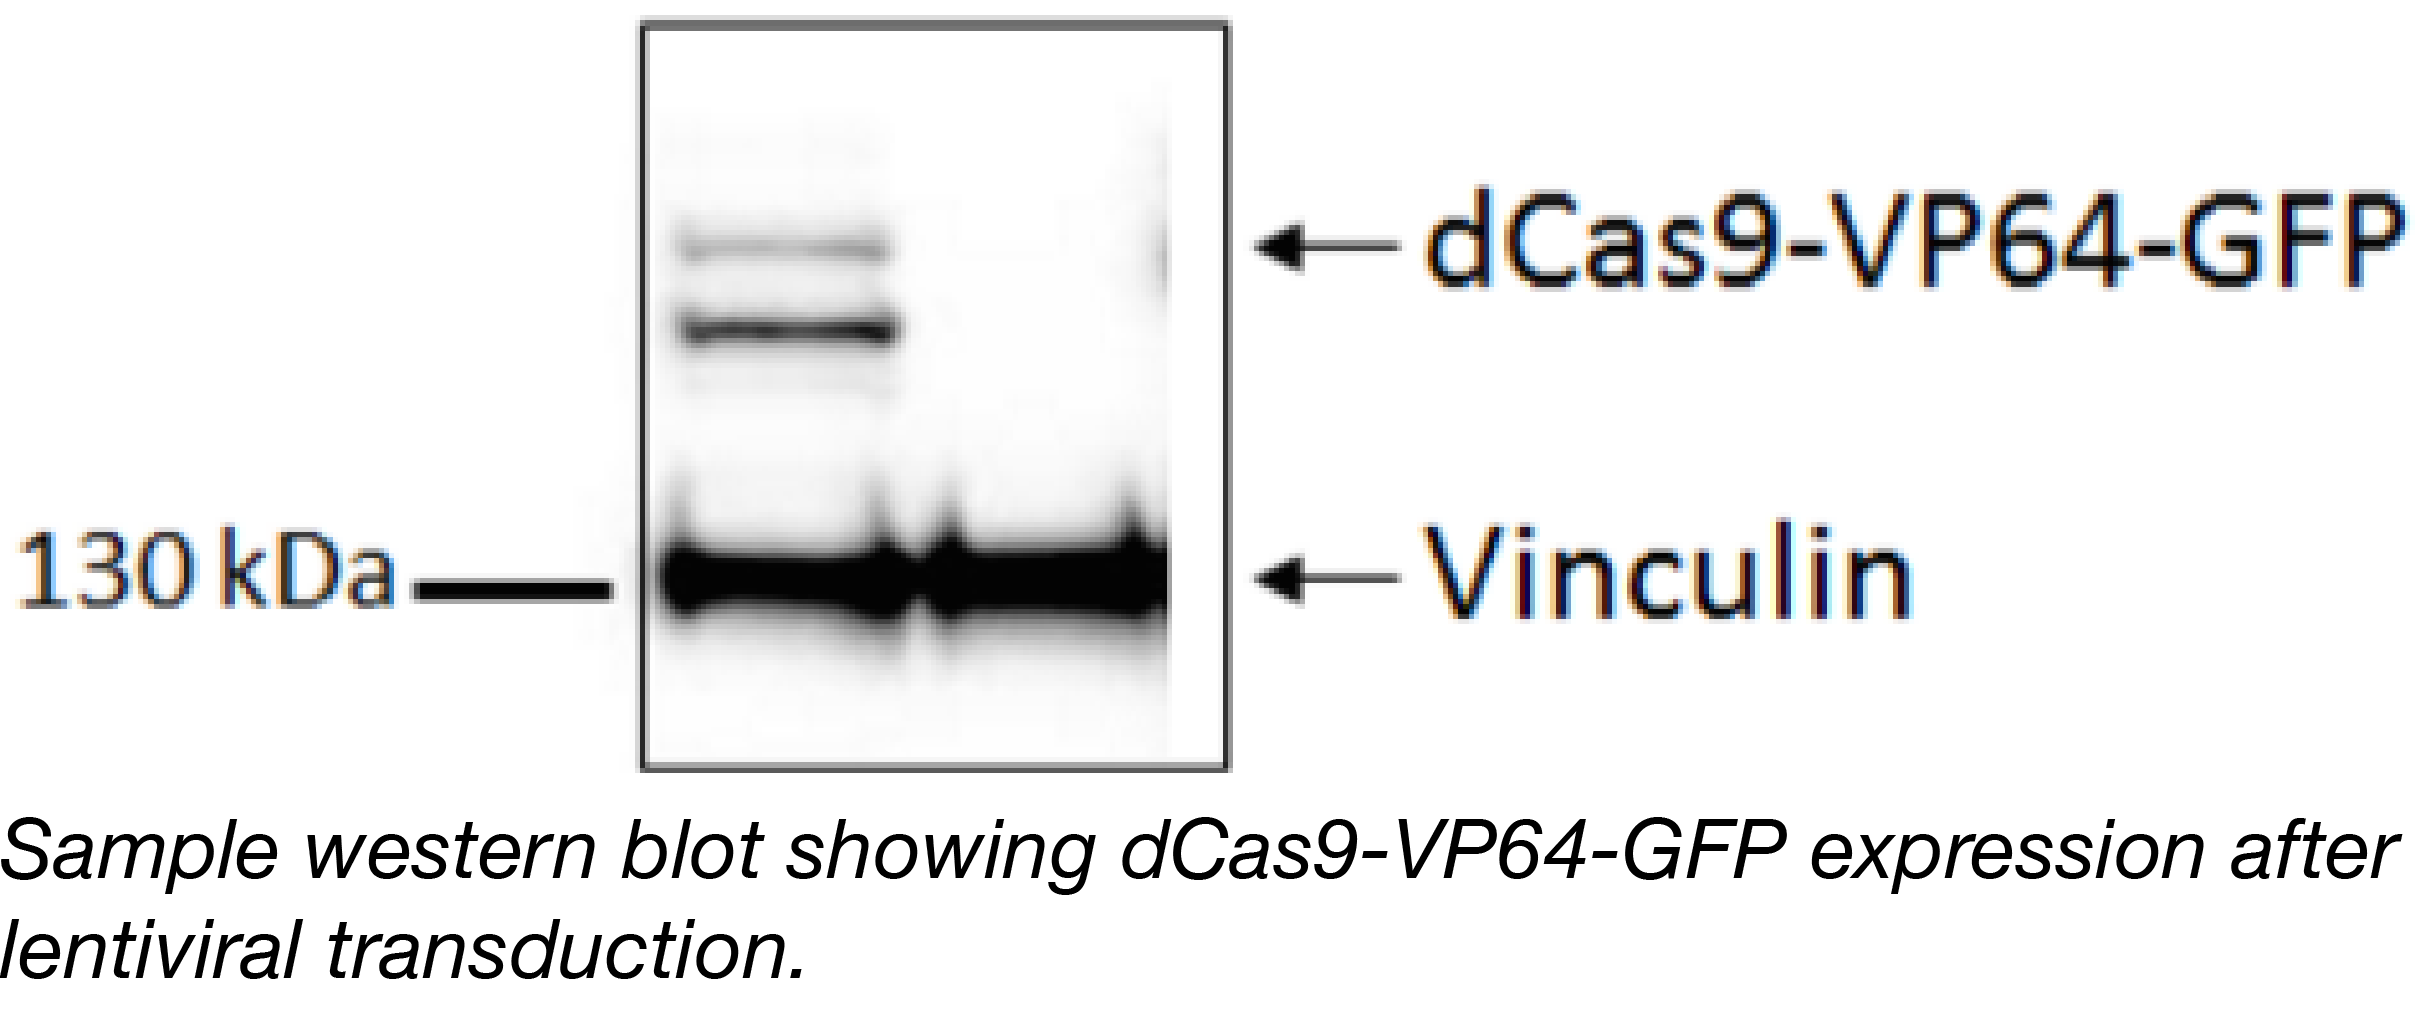 Cas9-VP64-GFP Western Blot-01.png